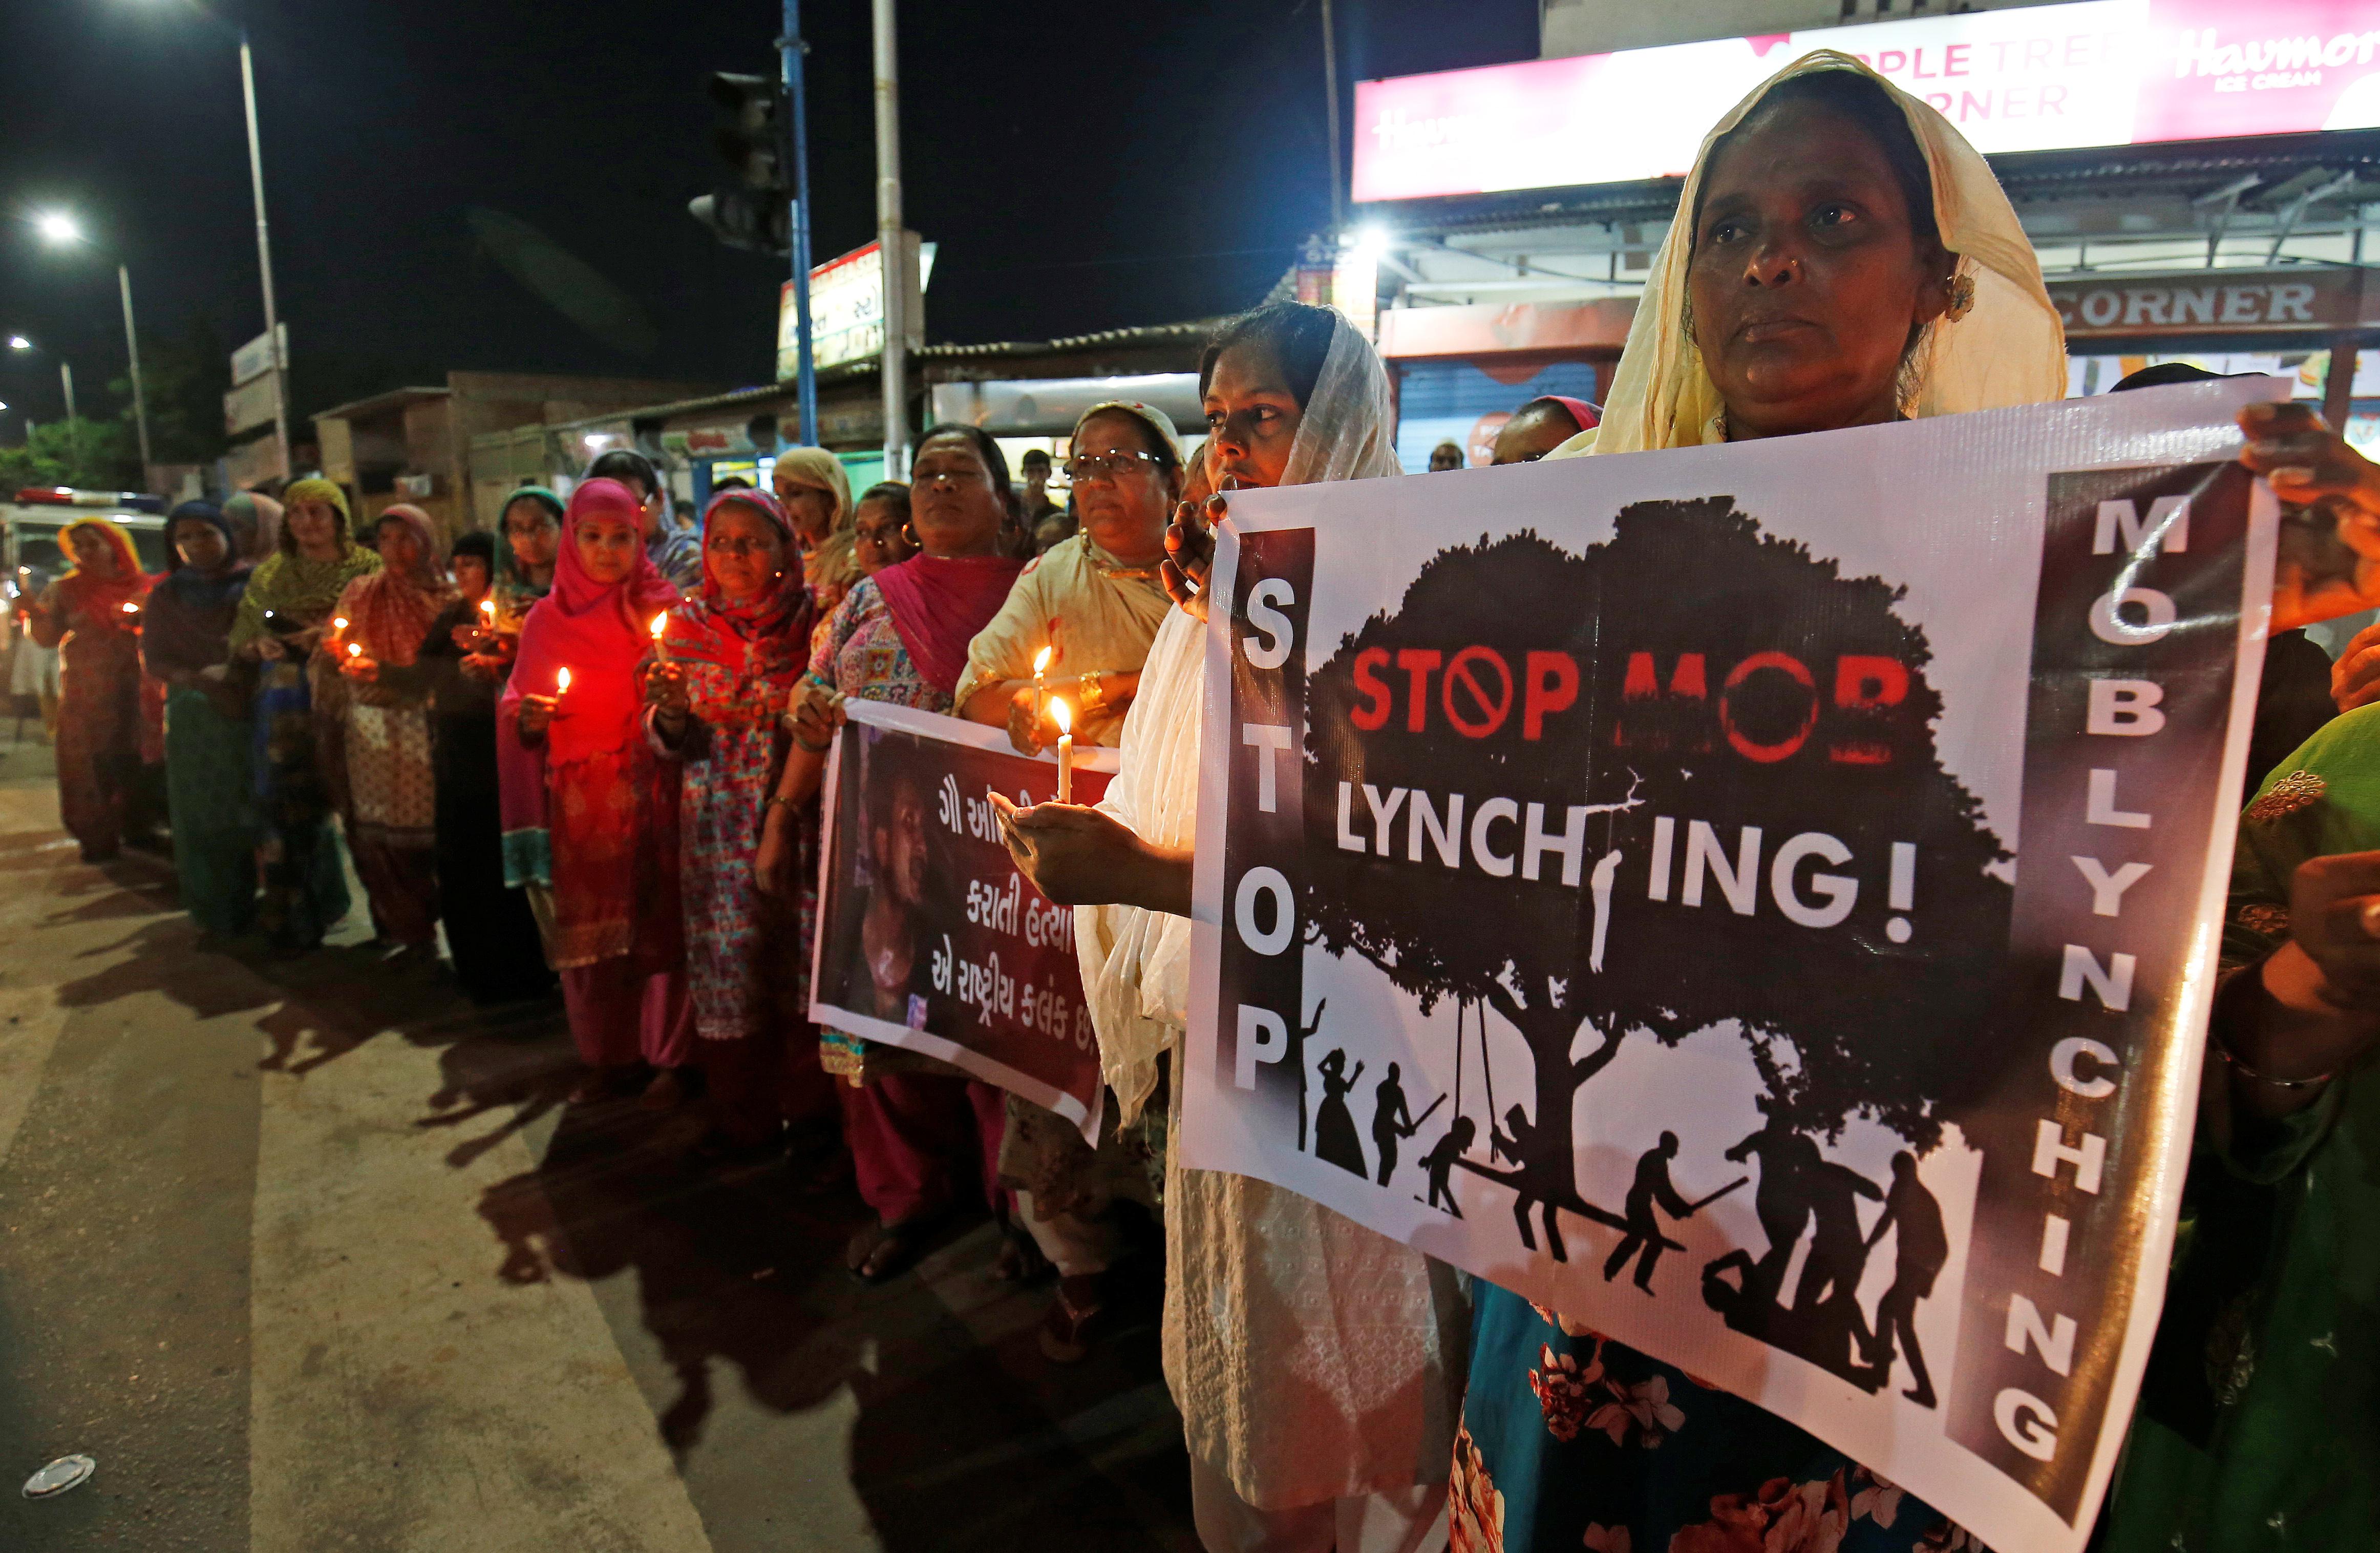 Uttar Pradesh Is Drafting a Law to Punish Mob Lynching